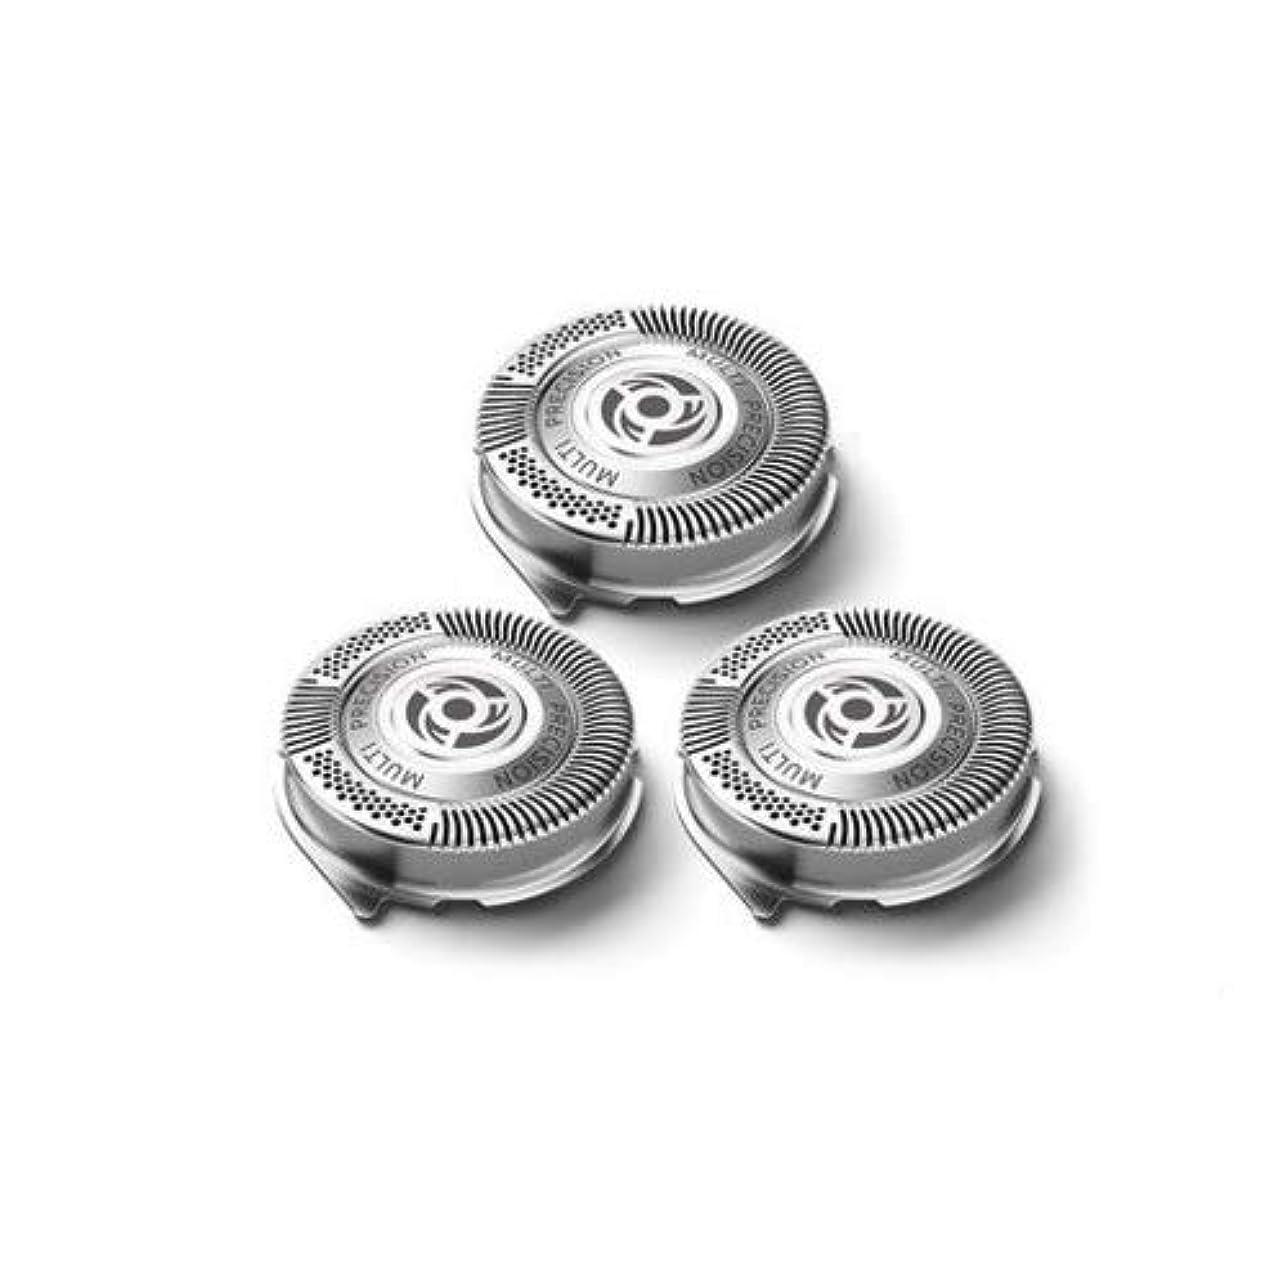 混合した被害者強いシェーバーカミソリヘッド交換 替え刃 に適用するPhilips SH50 DualPrecisionヘッド(3個)